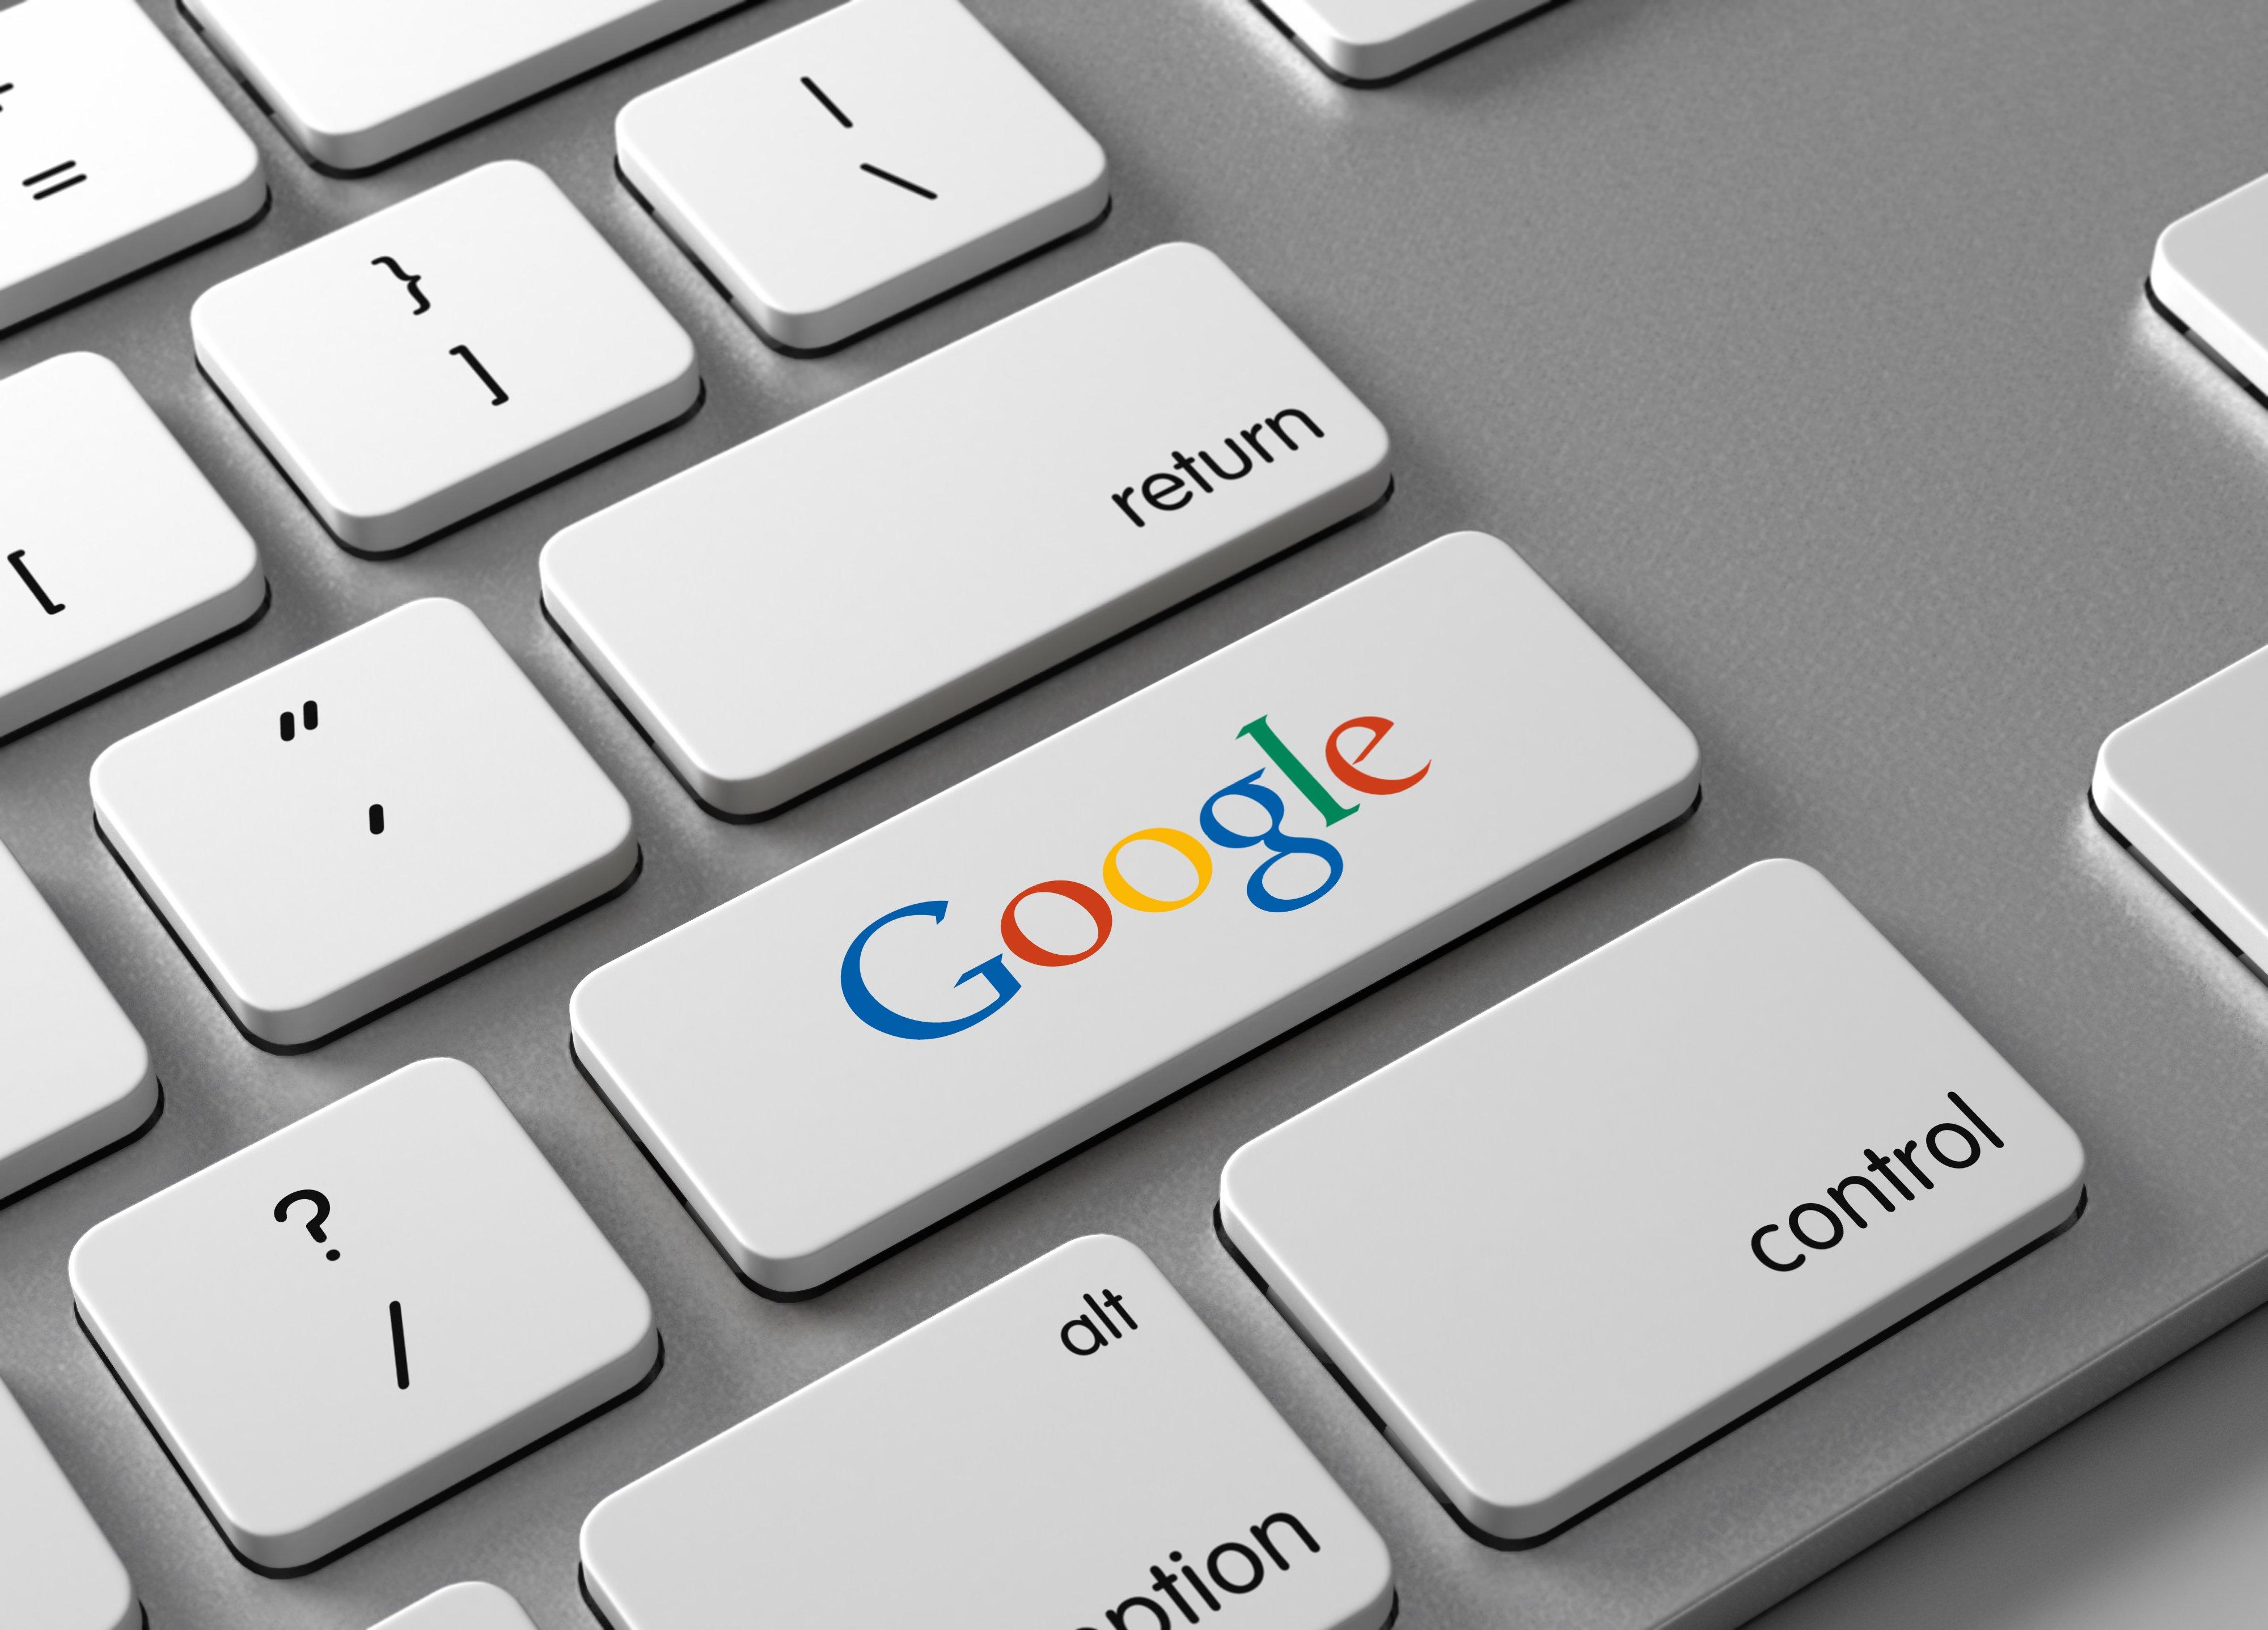 GoogleButtonOnKeyboard